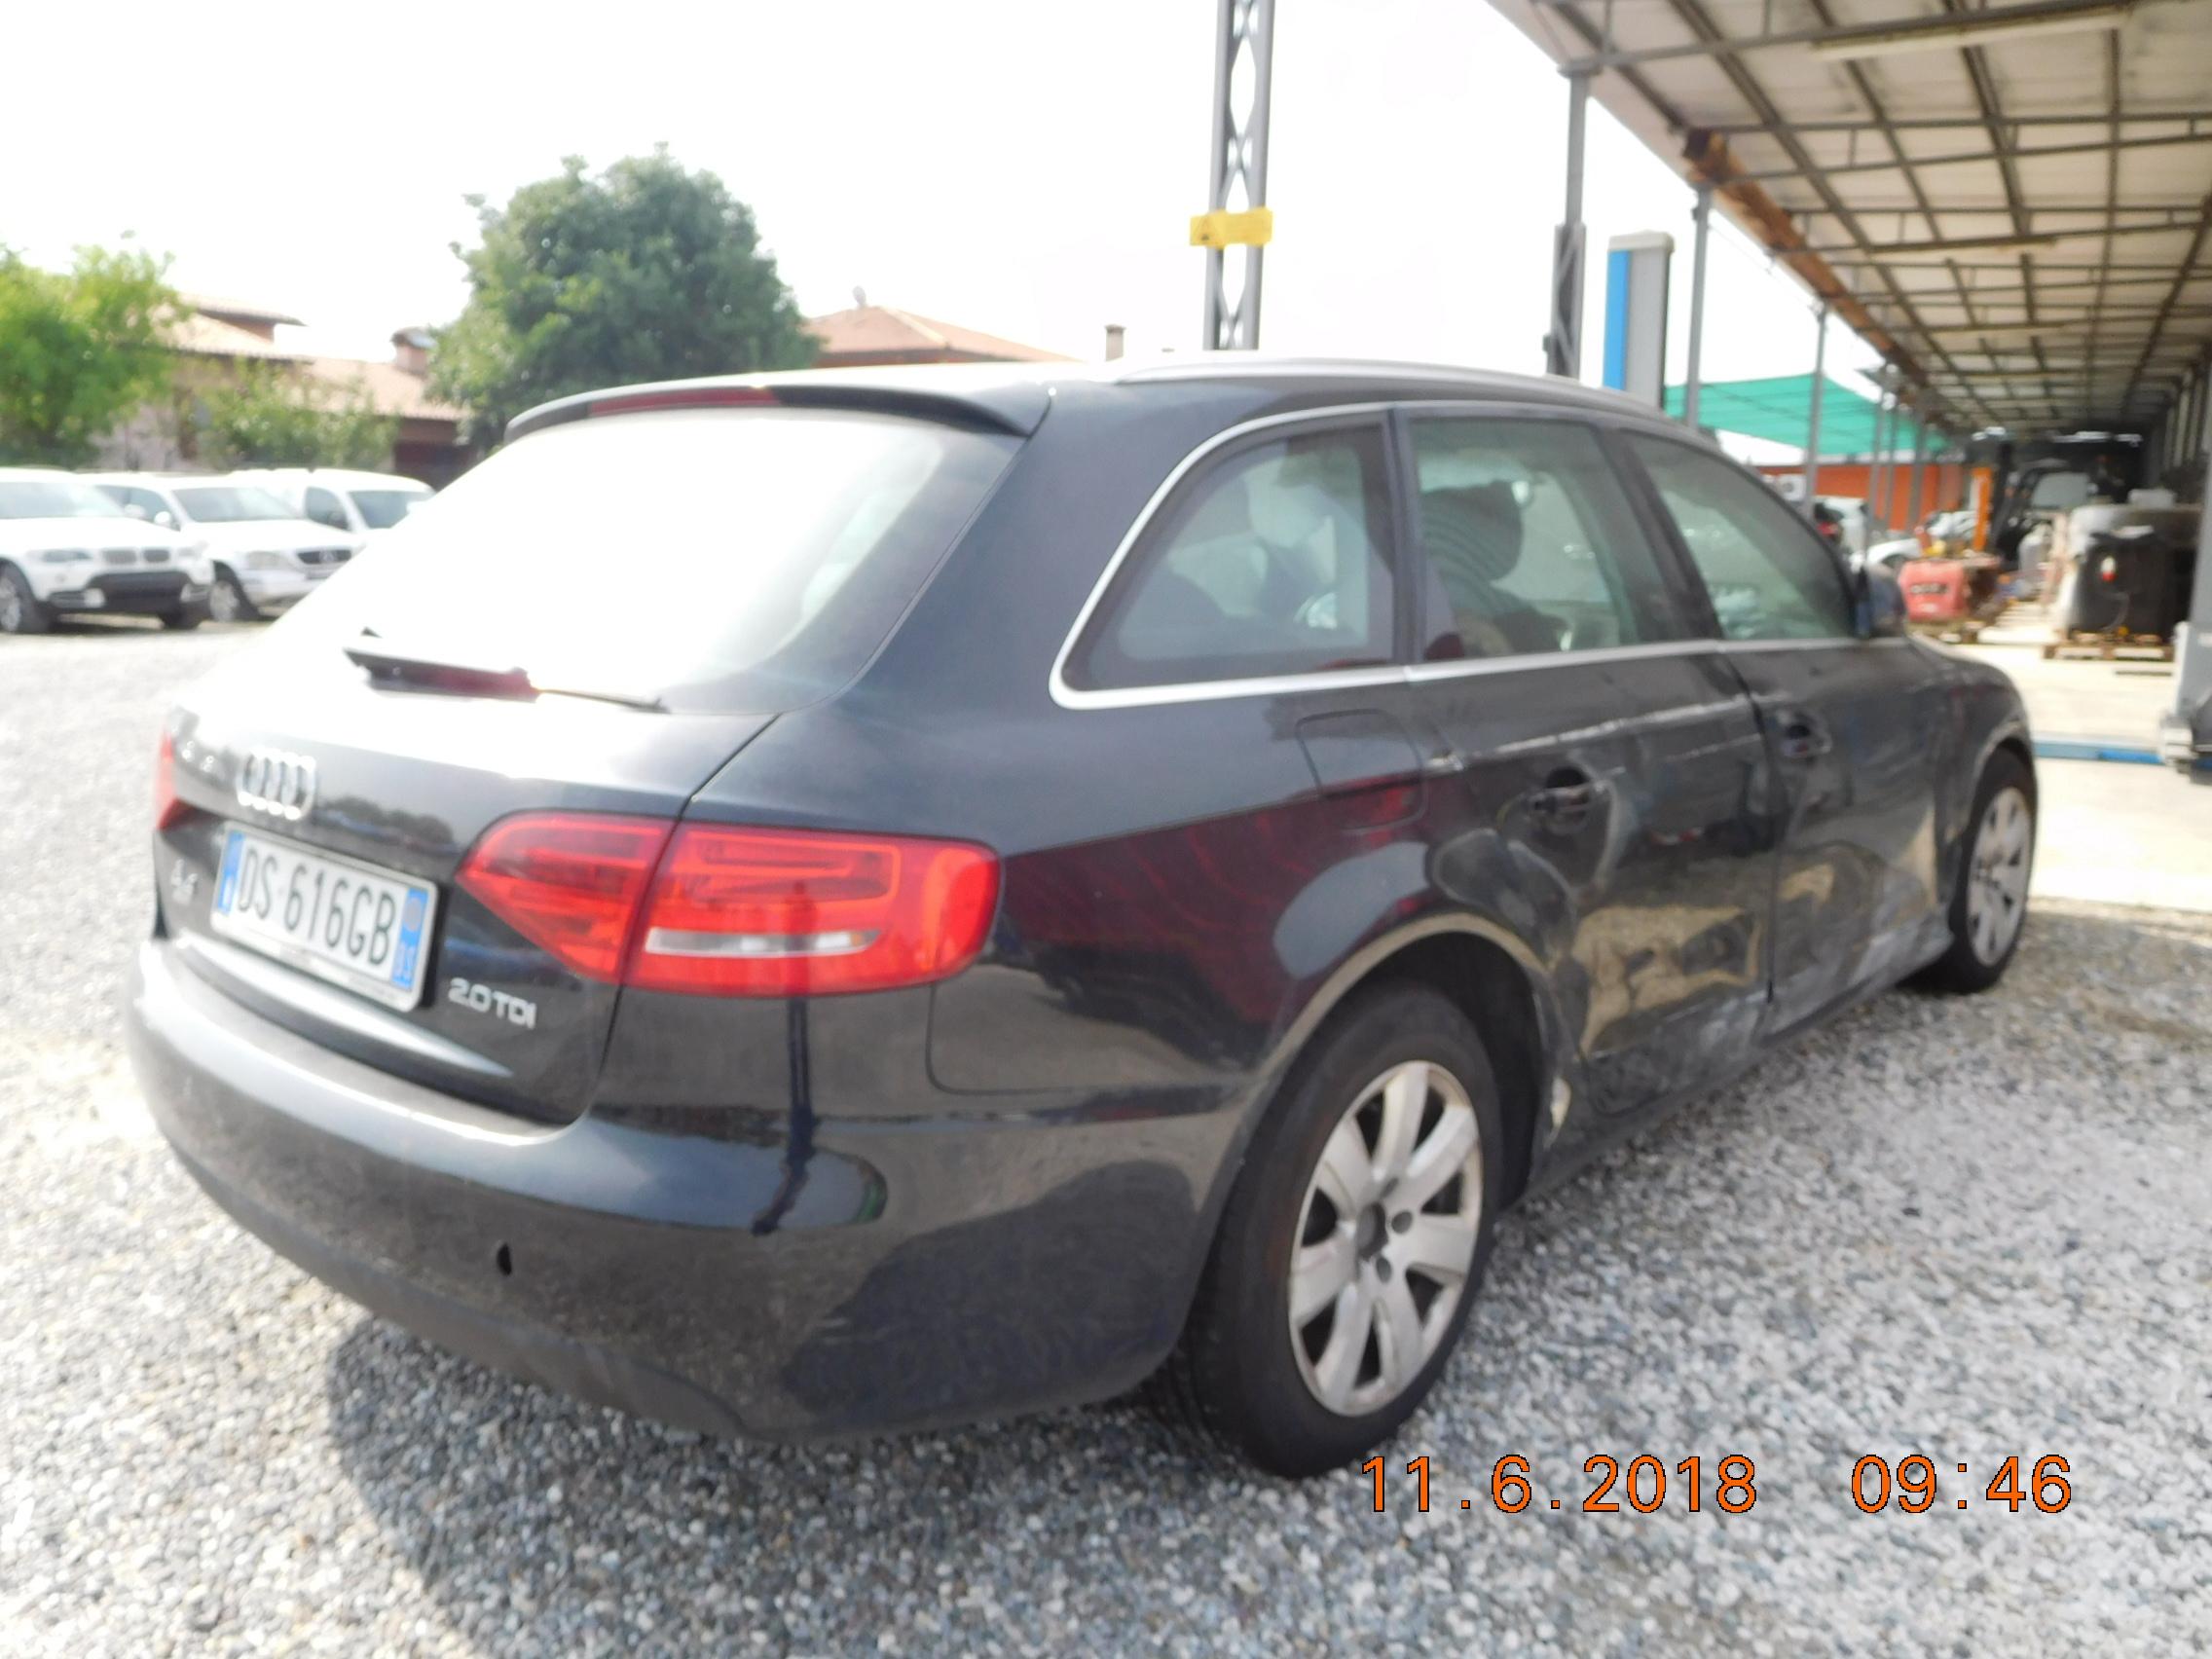 AUDI A4 INCIDENTATA in vendita - foto 5